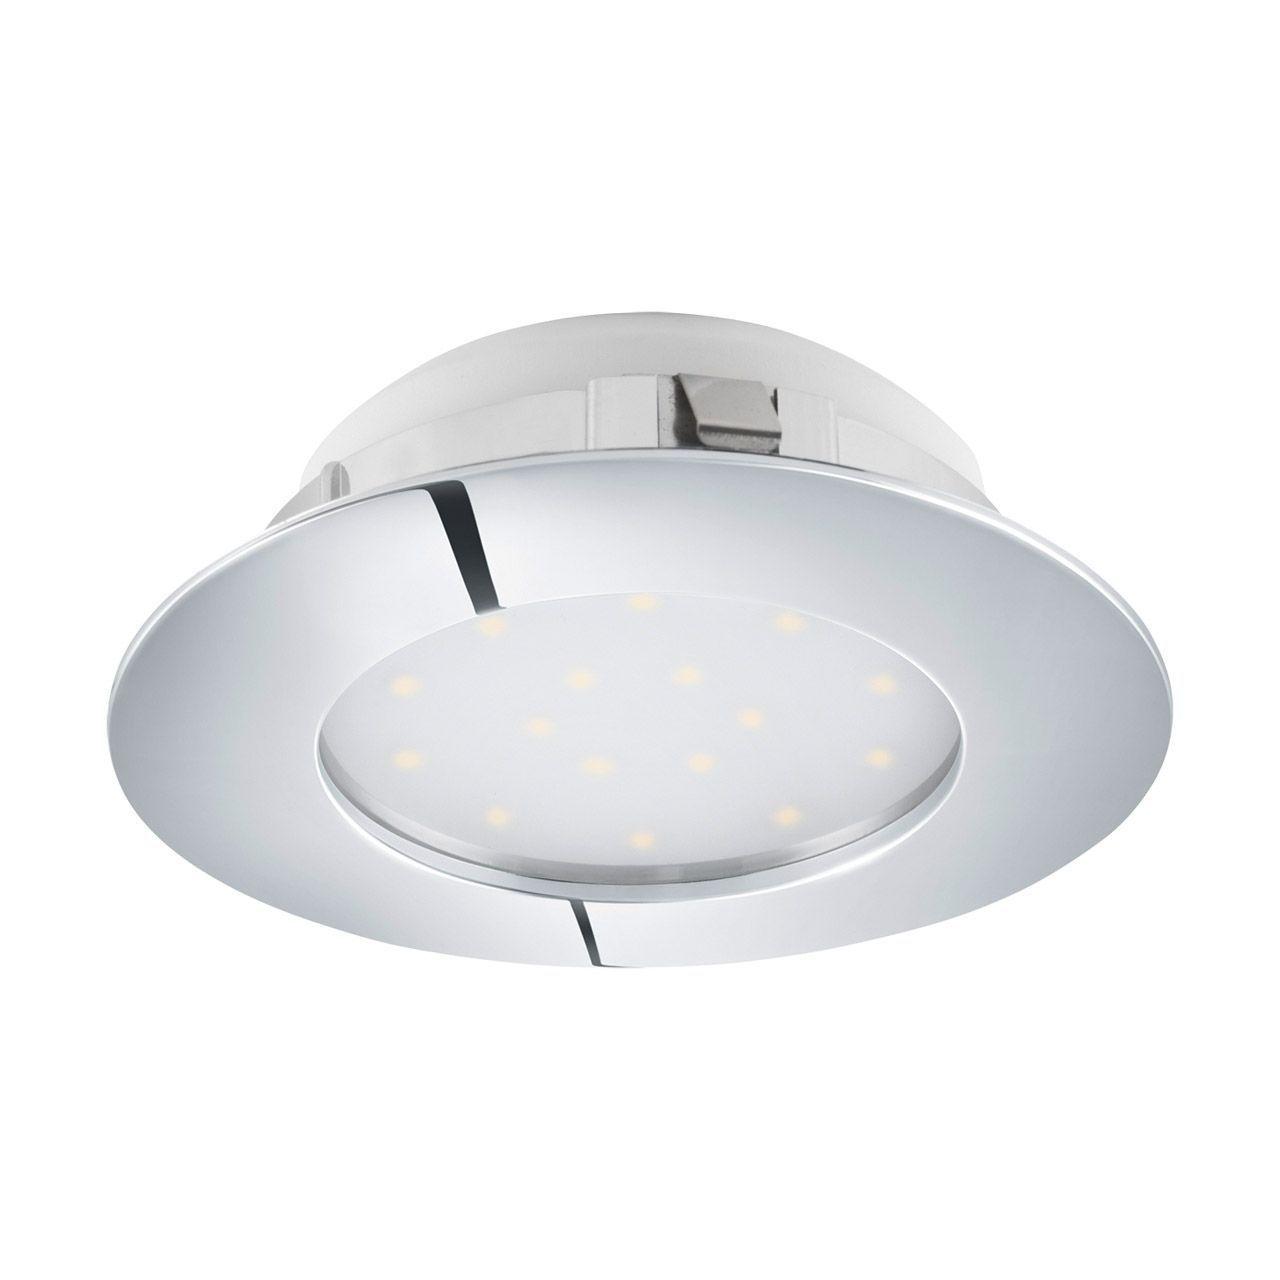 Встраиваемый светодиодный светильник Eglo Pineda 95868 встраиваемый светодиодный светильник eglo pineda 95868